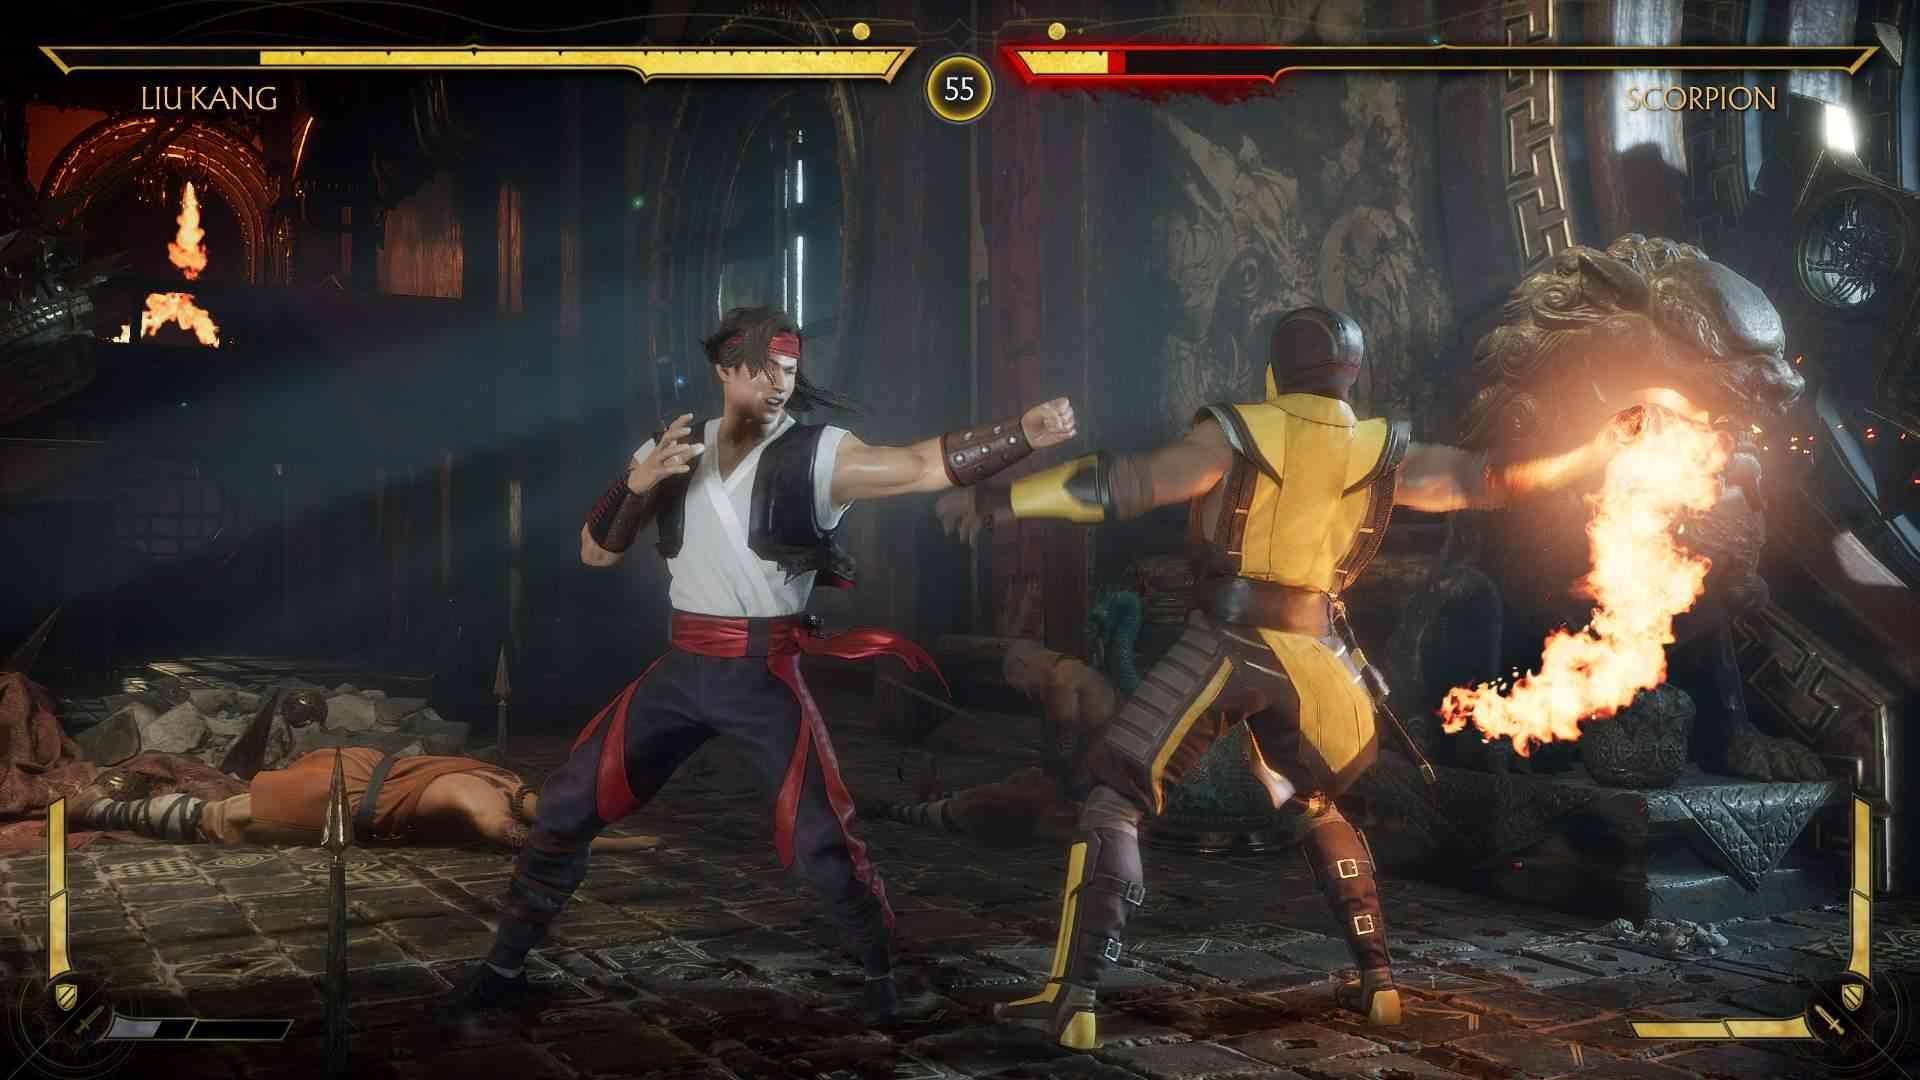 Captura de tela do jogo Mortal Kombat 11 mostrando uma luta entre Liu Kang e Scorpion